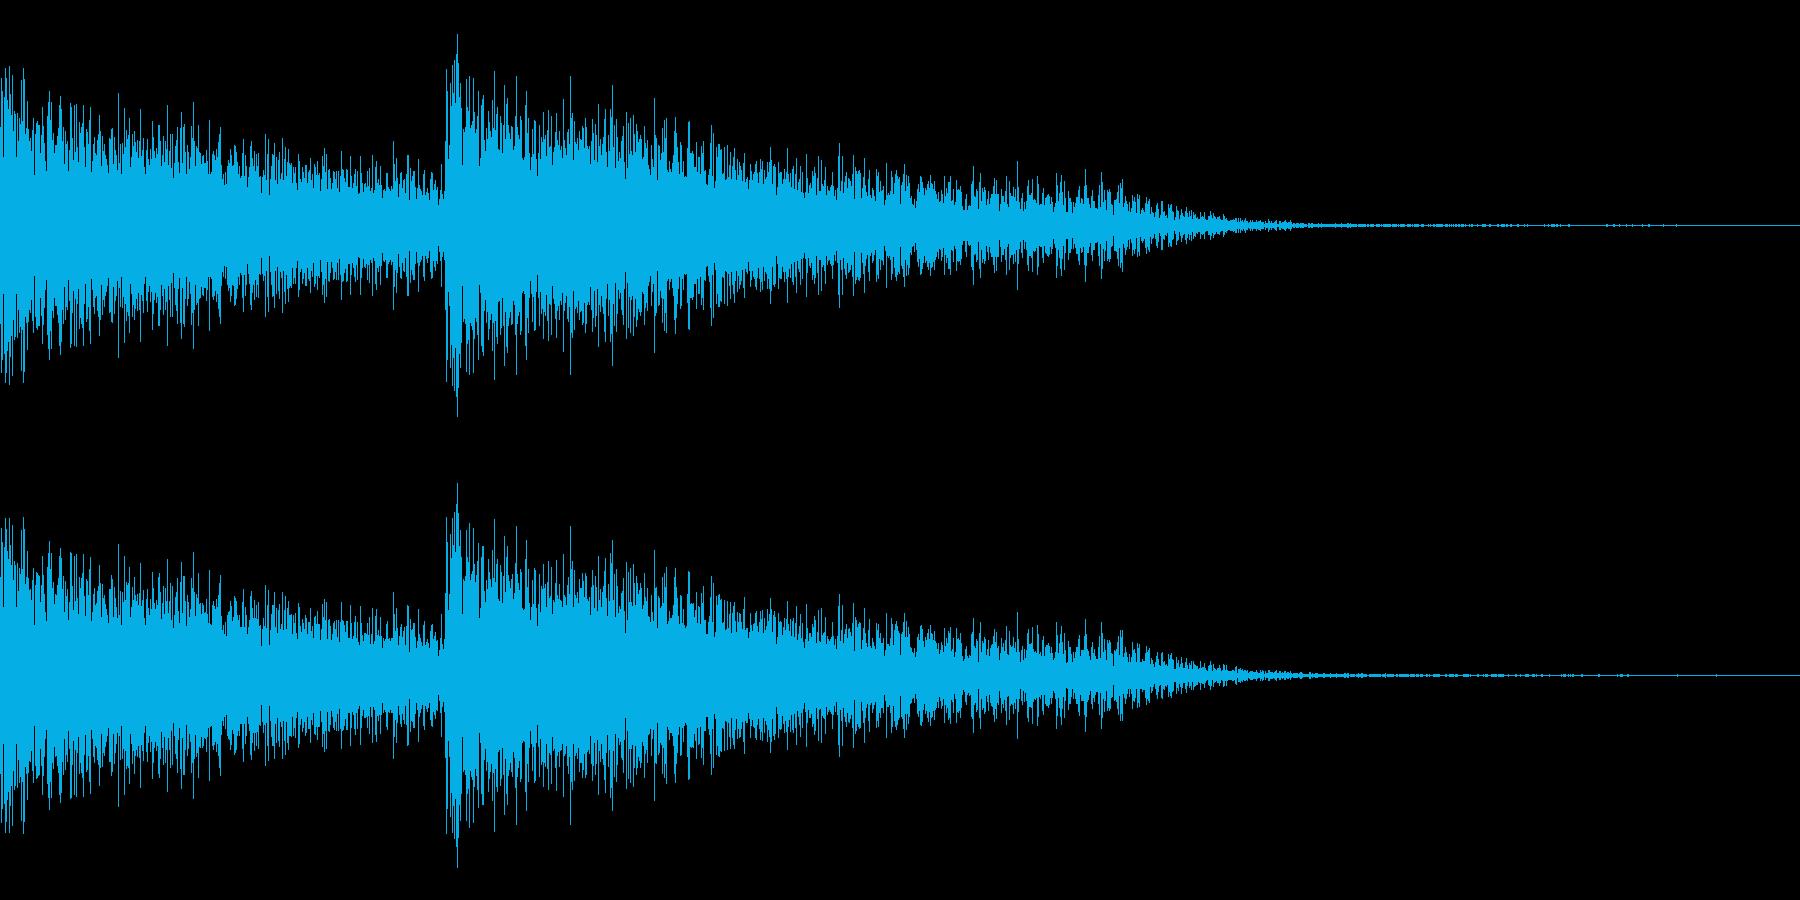 バシューン!バシューン!(ビーム)の再生済みの波形